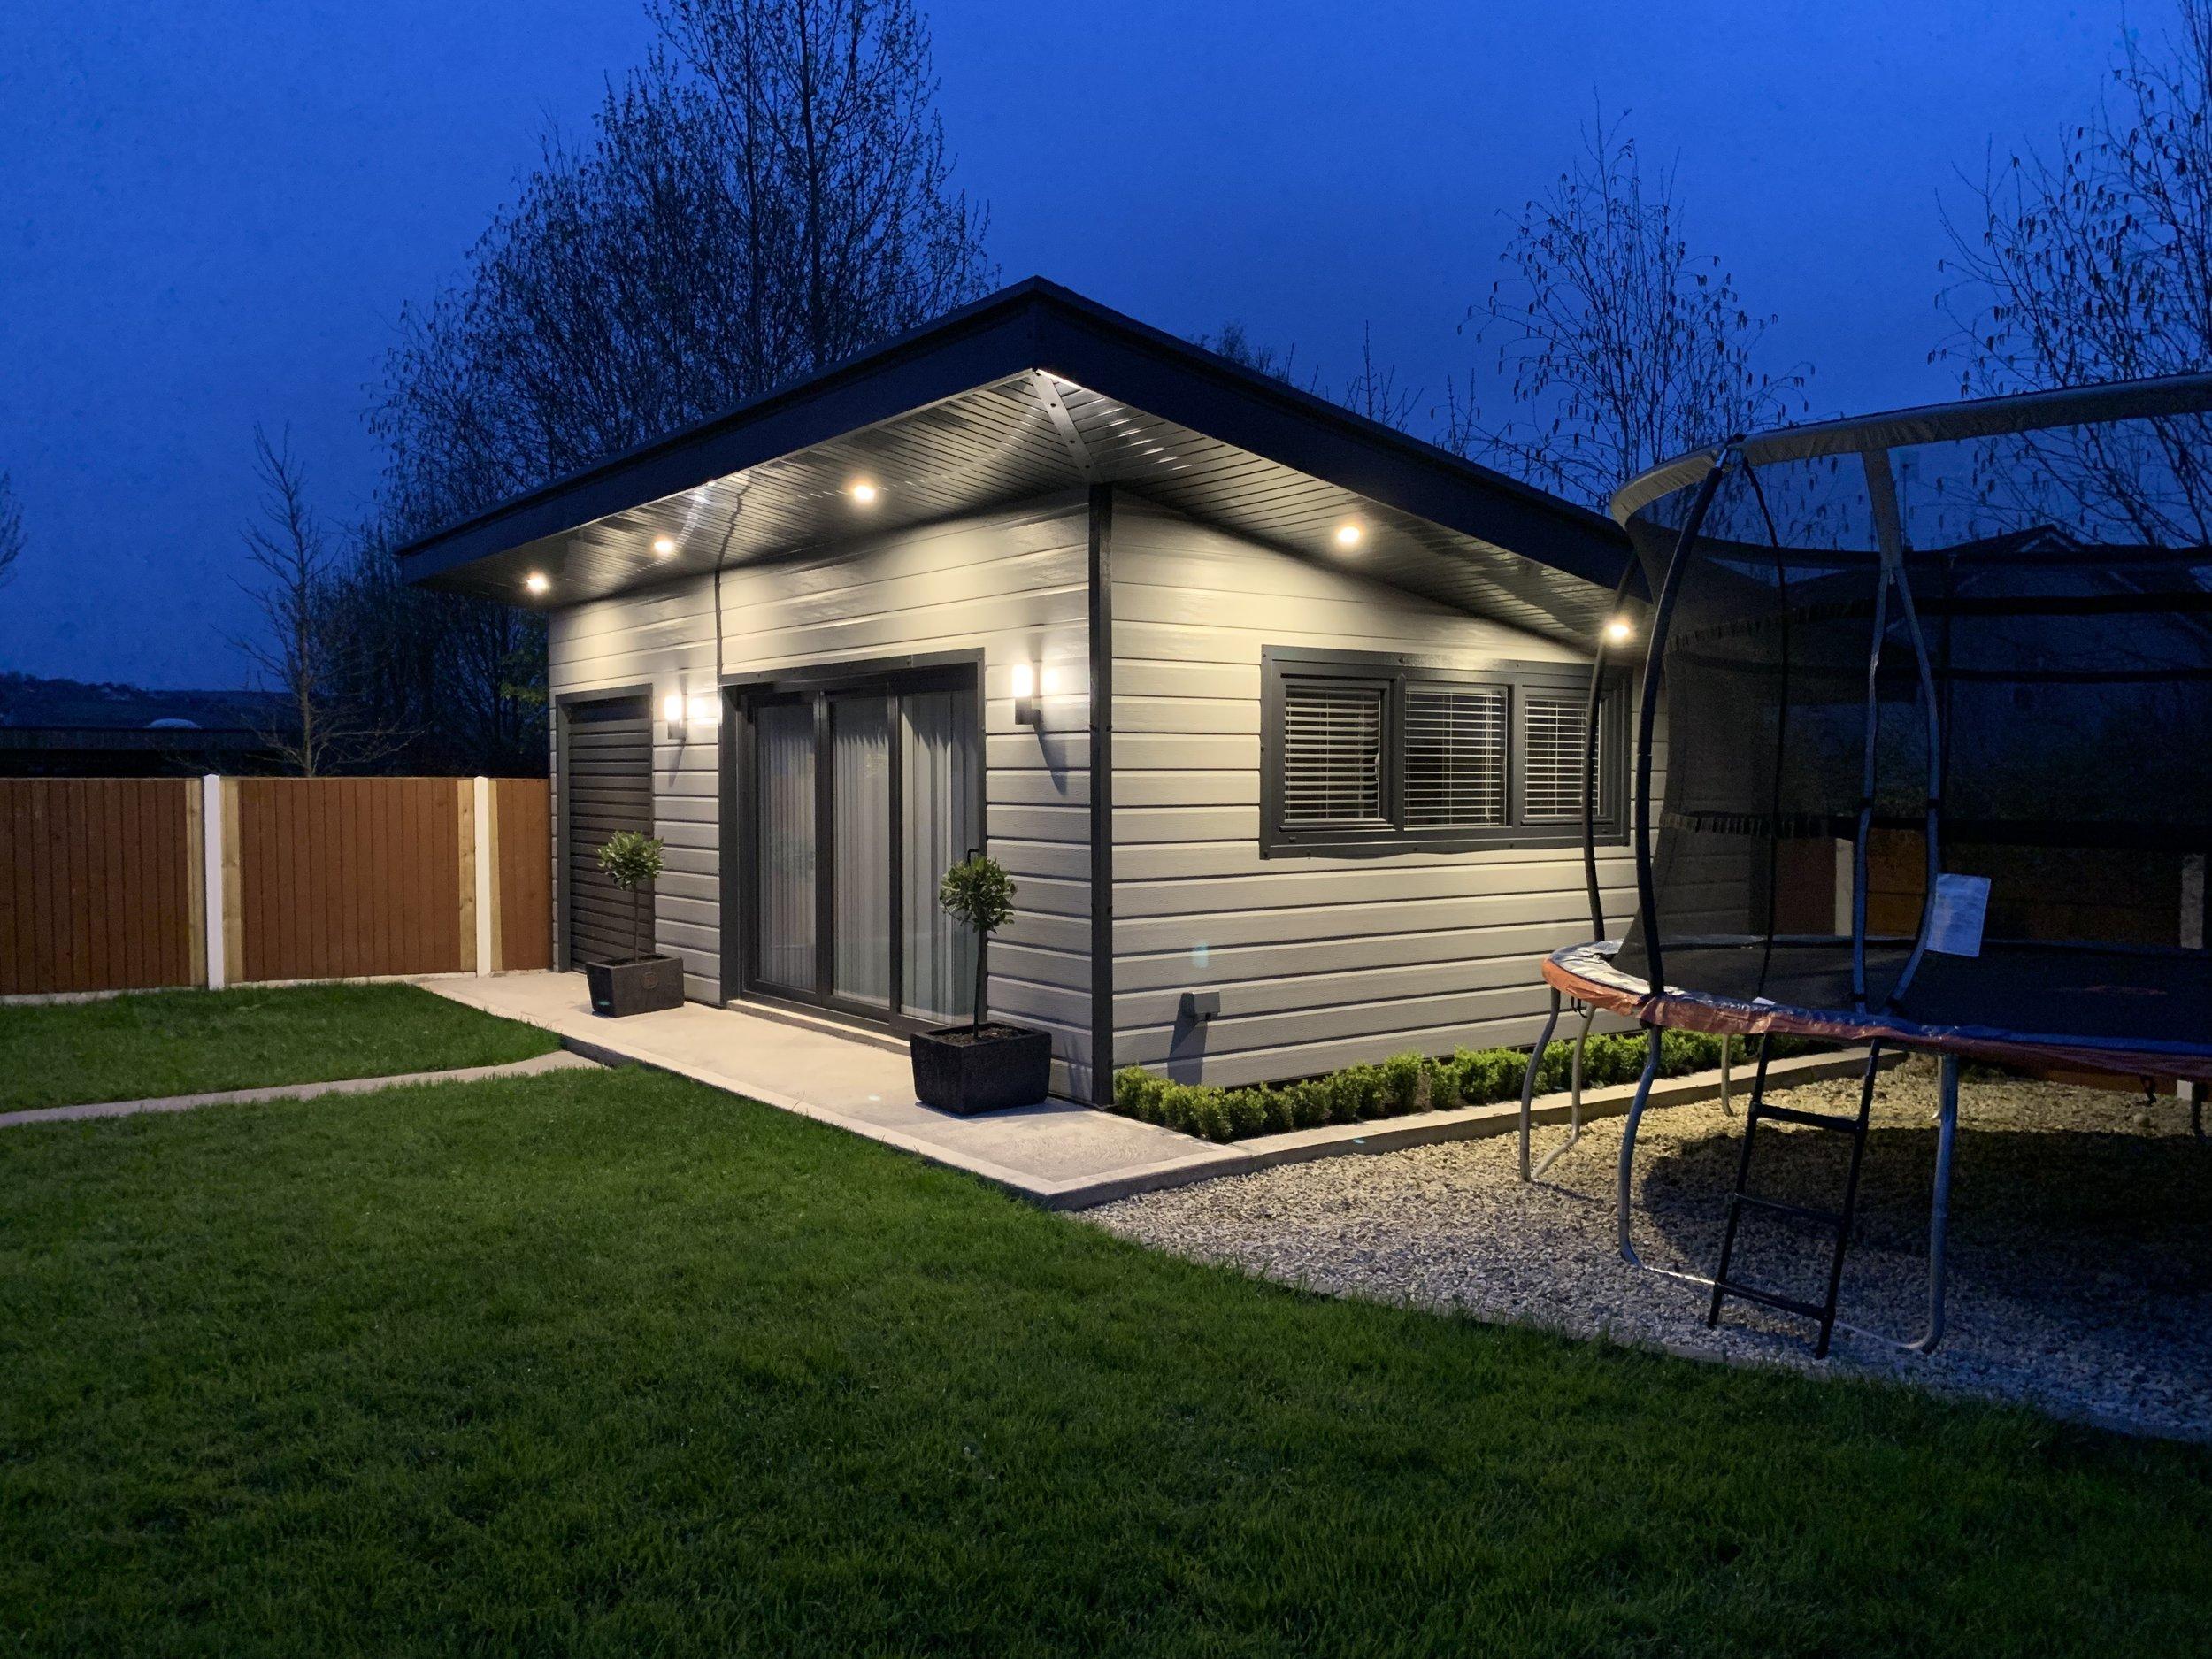 A1-Sheds-Home-Office-Supplier-Cork-Steel-Shed-Manufacturer-Ireland.JPG